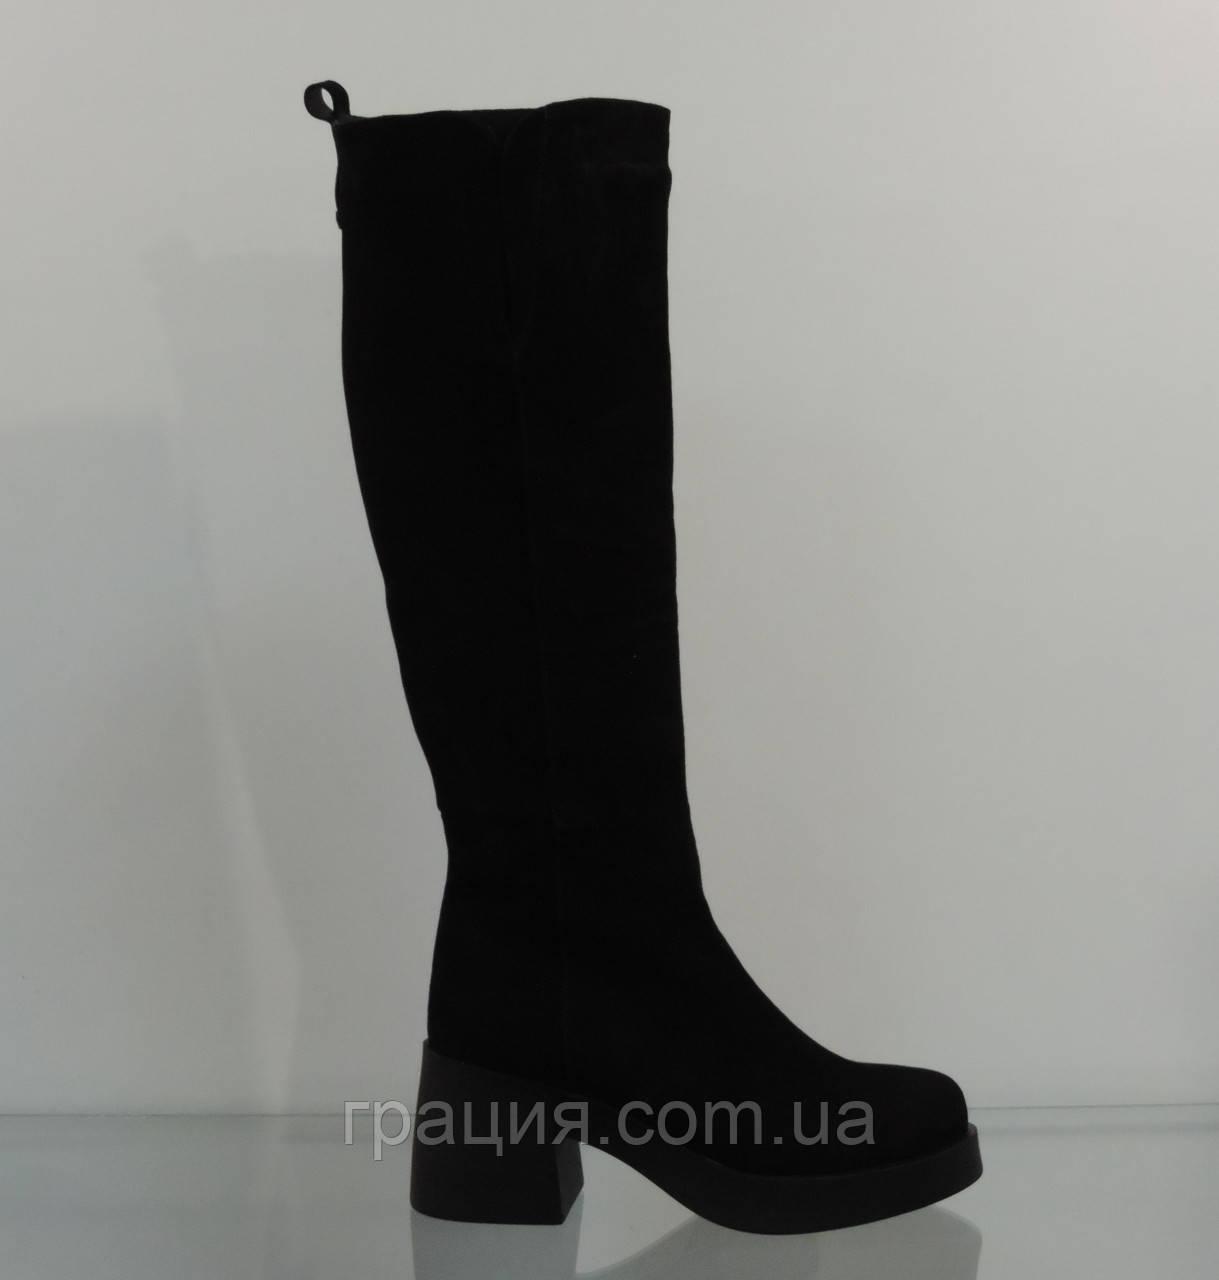 Молодіжні замшеві зимові чобітки на підборах модному